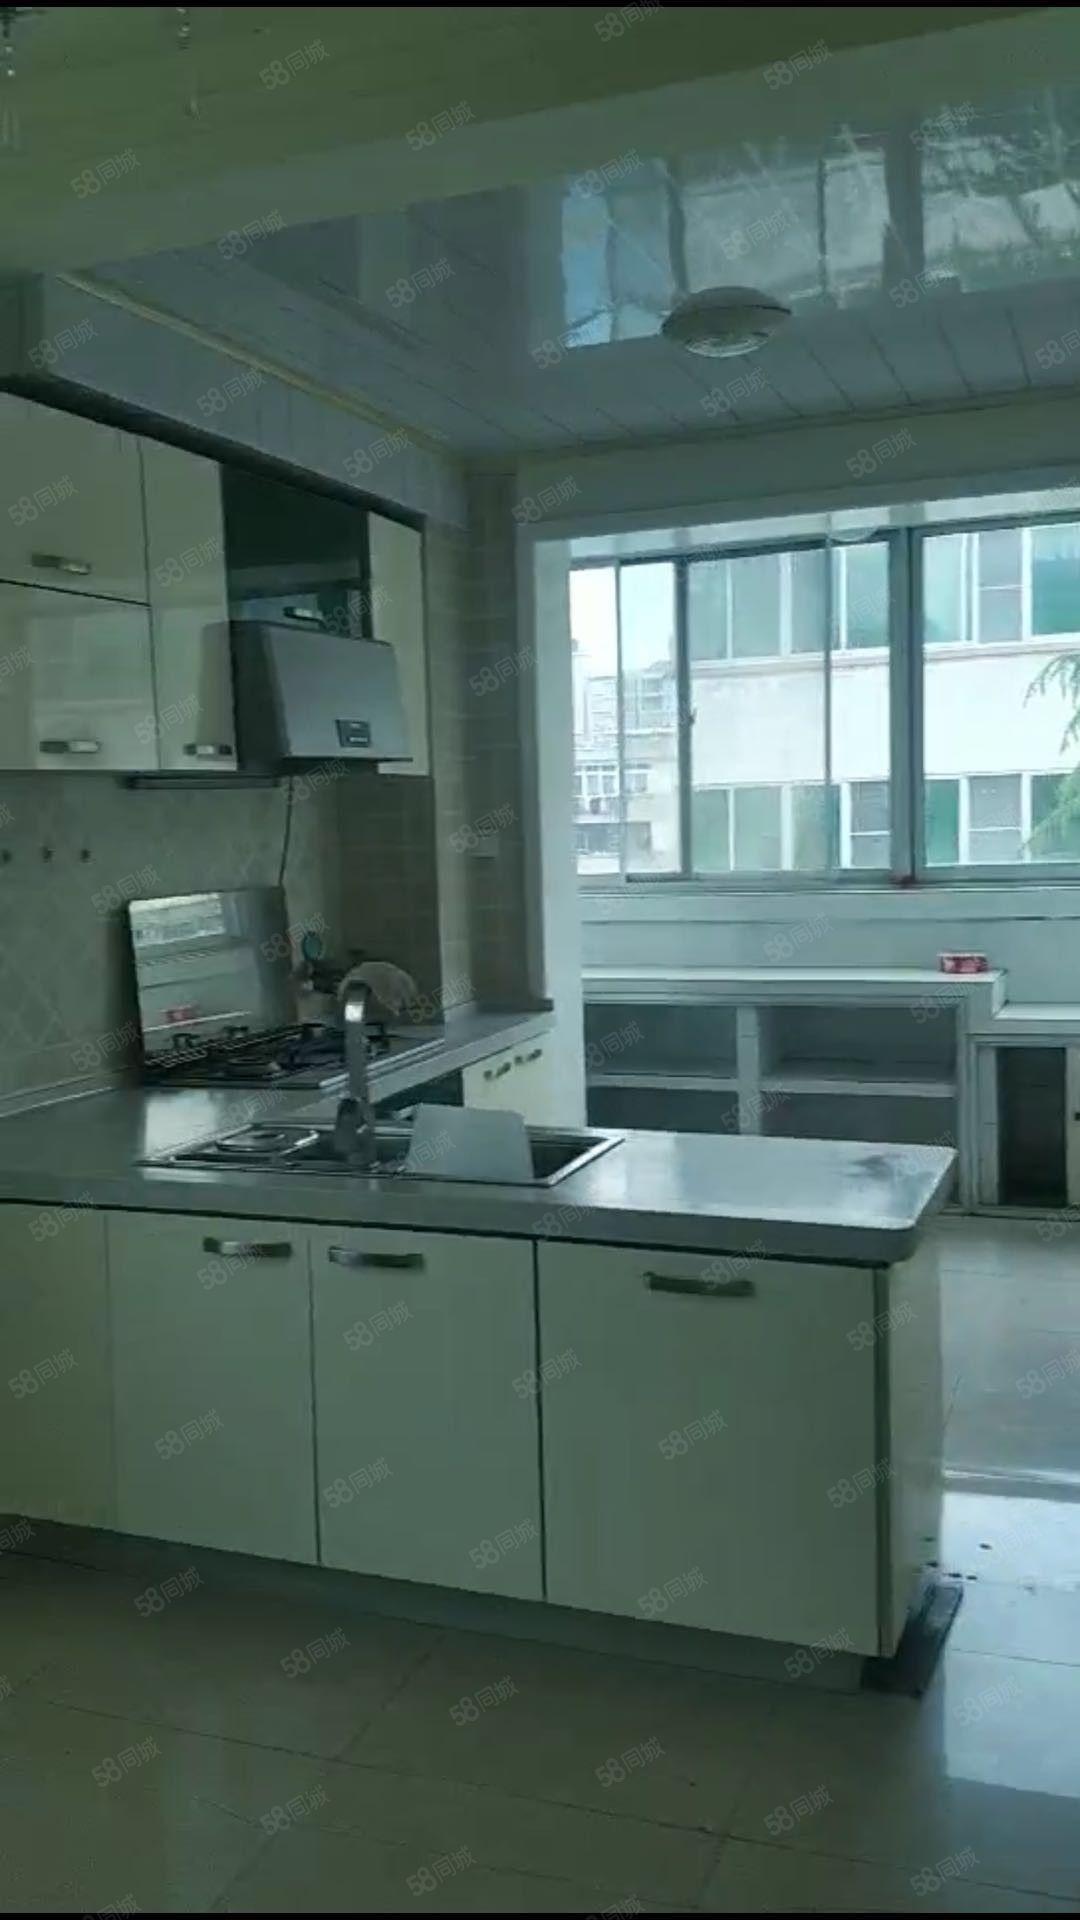 兴汉小区多层三室5楼超低价格出租